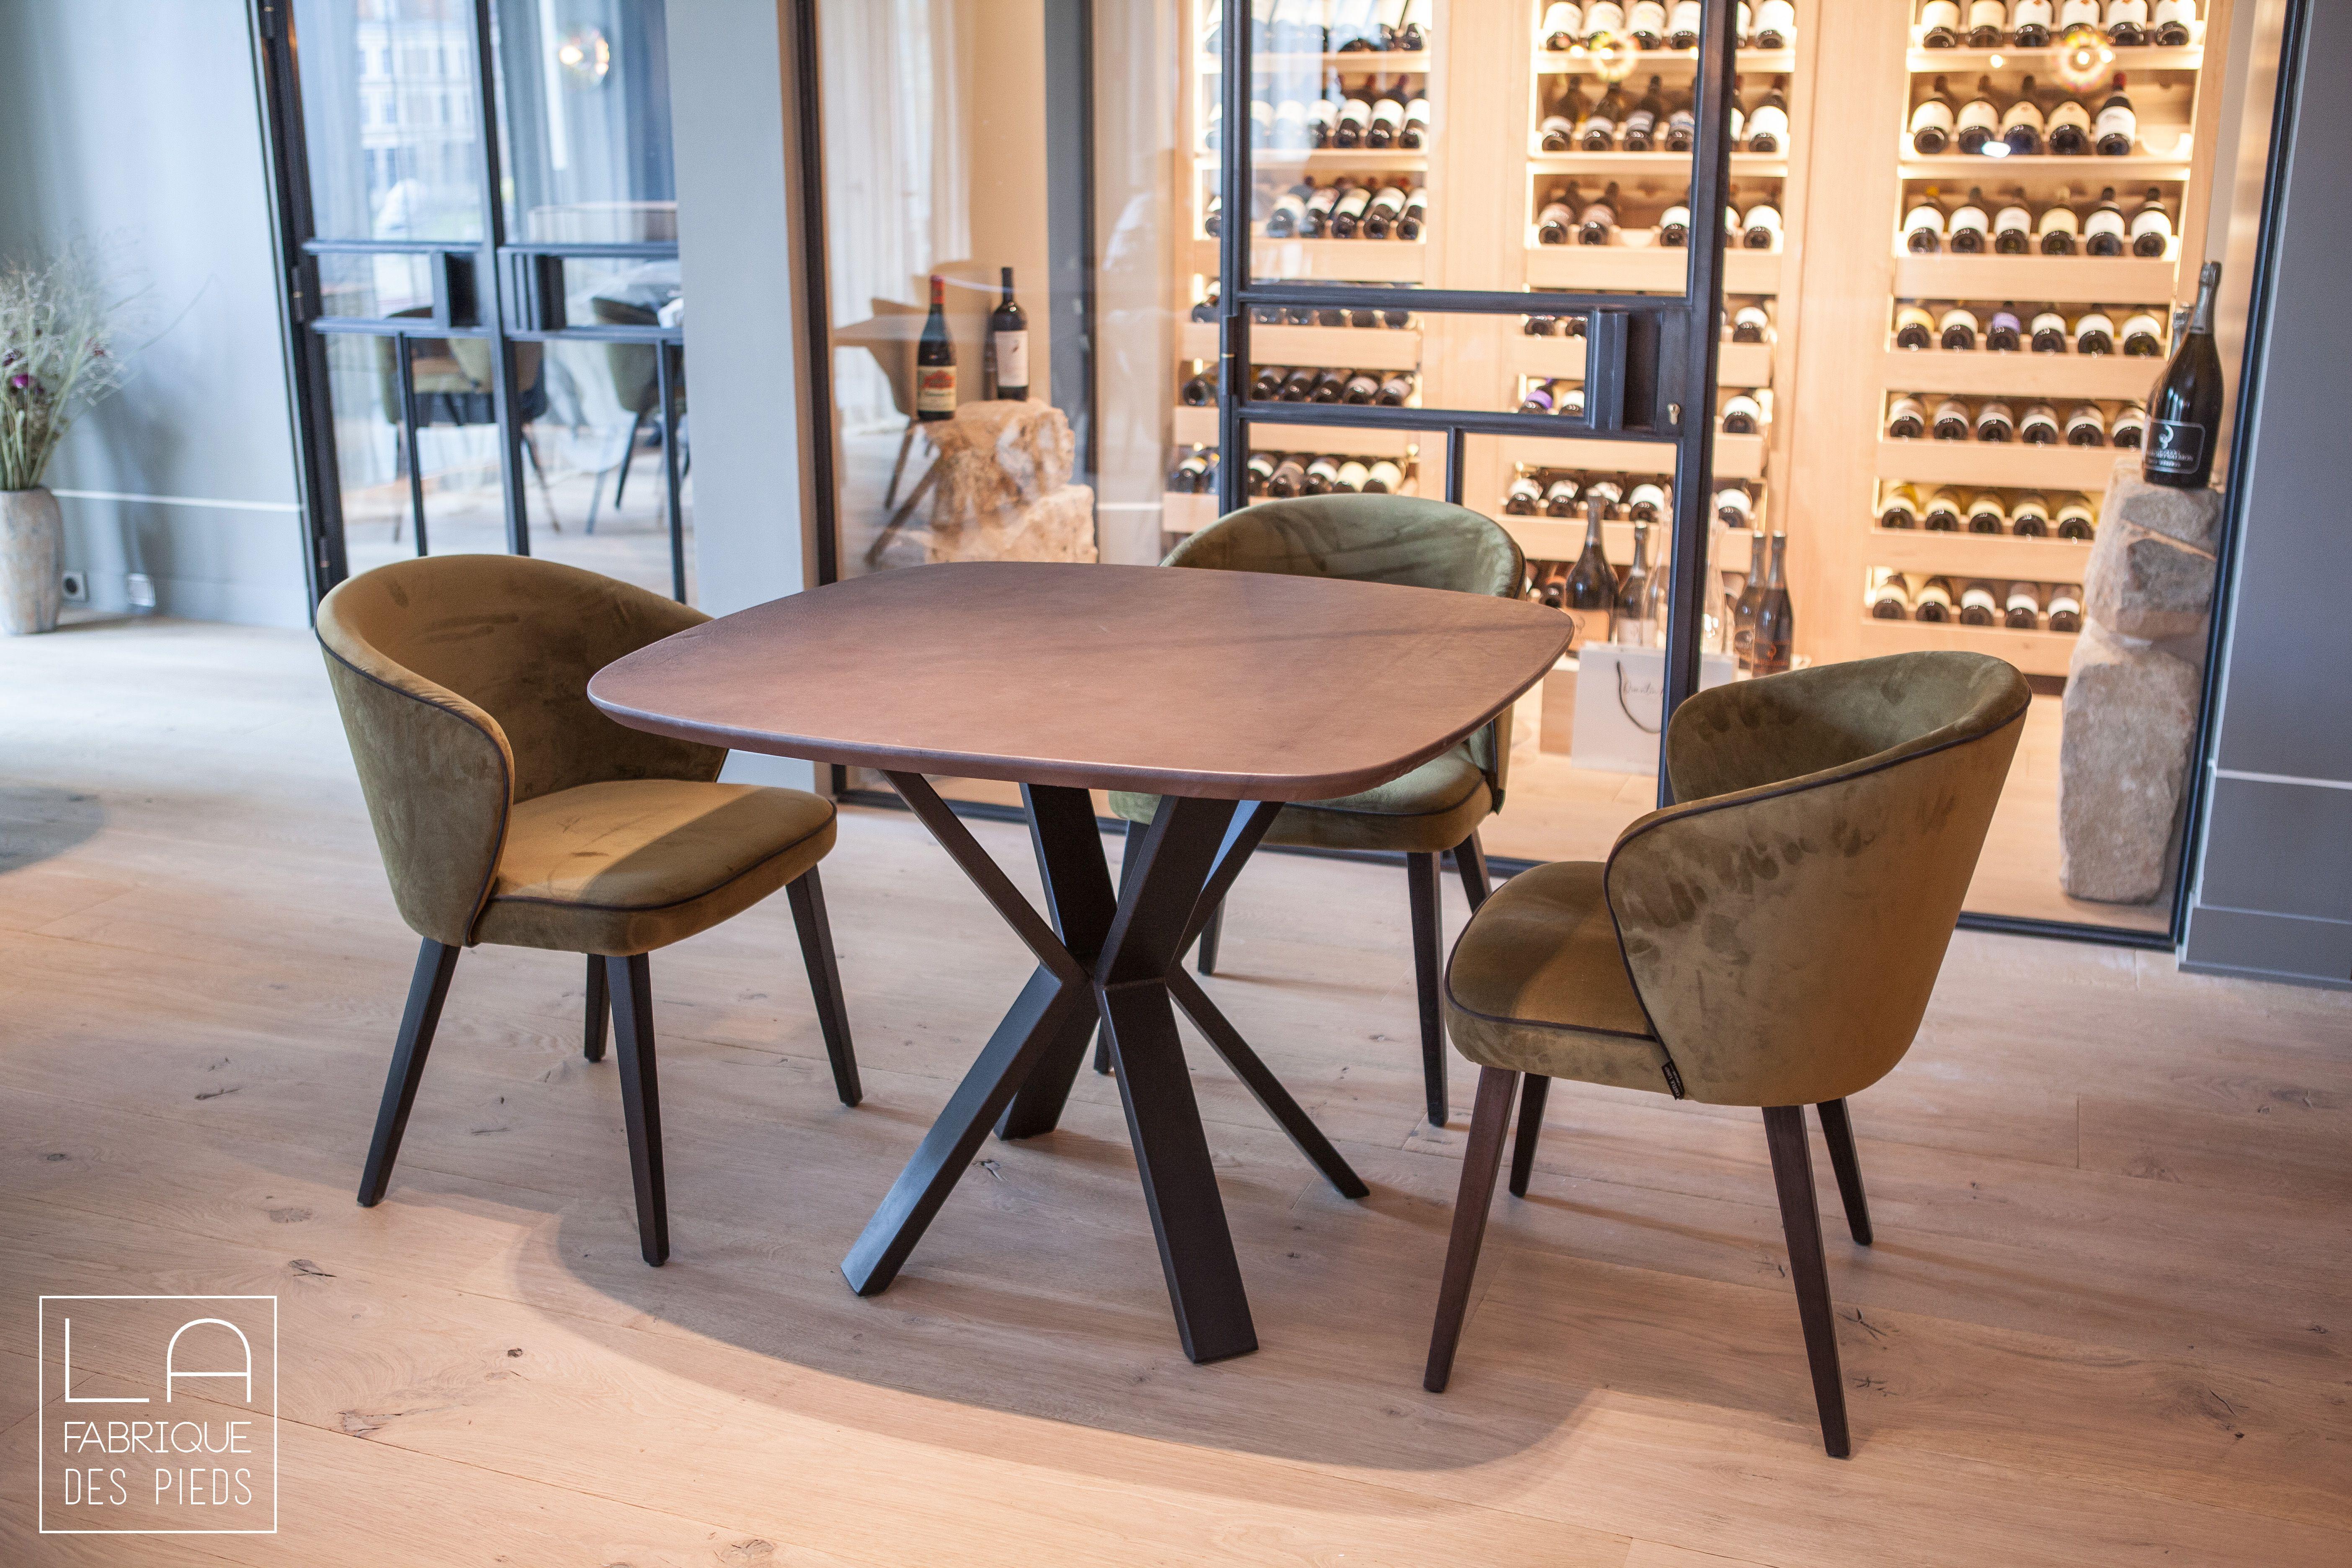 Moyen Pied V Central Pied Central La Fabrique Des Pieds En 2020 La Fabrique Des Pieds Table De Restaurant Plateau Rond